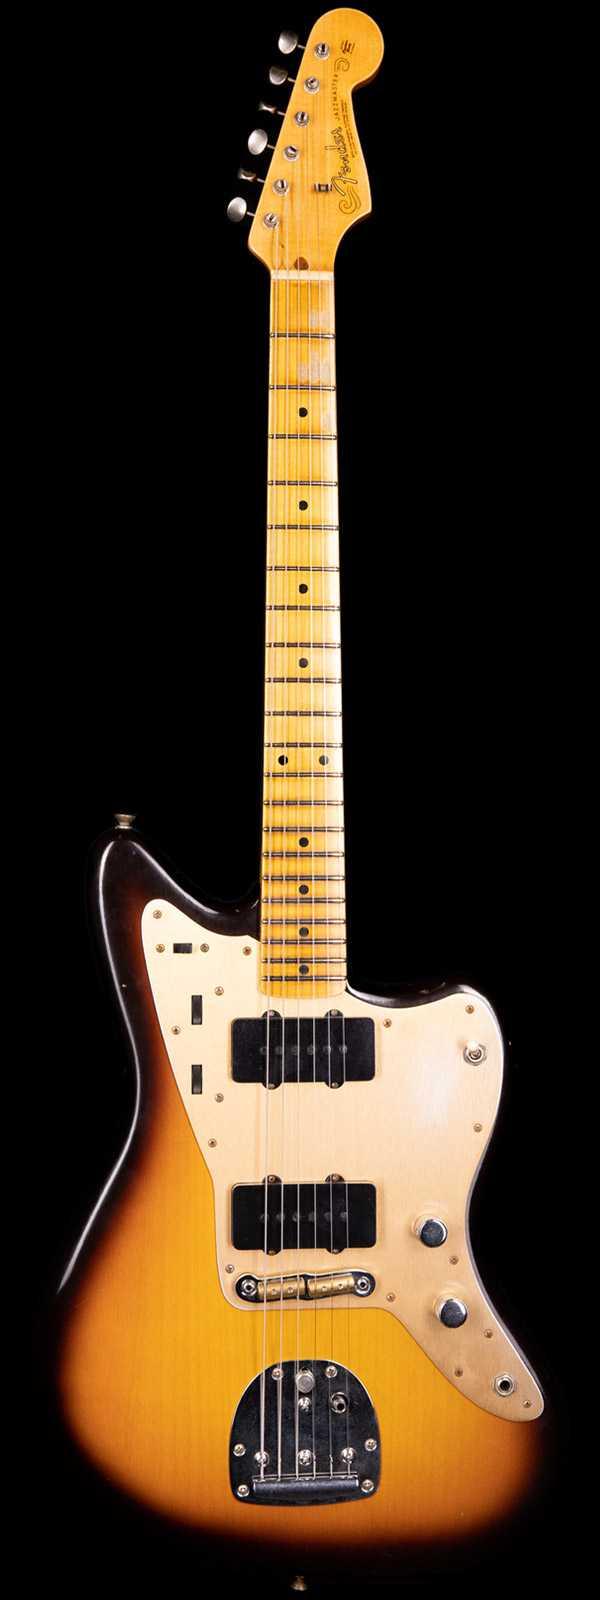 Fender Custom Shop 1958 Jazzmaster Journeyman Relic Limited Edition Flash Coat Chocolate 3-Tone Sunburst